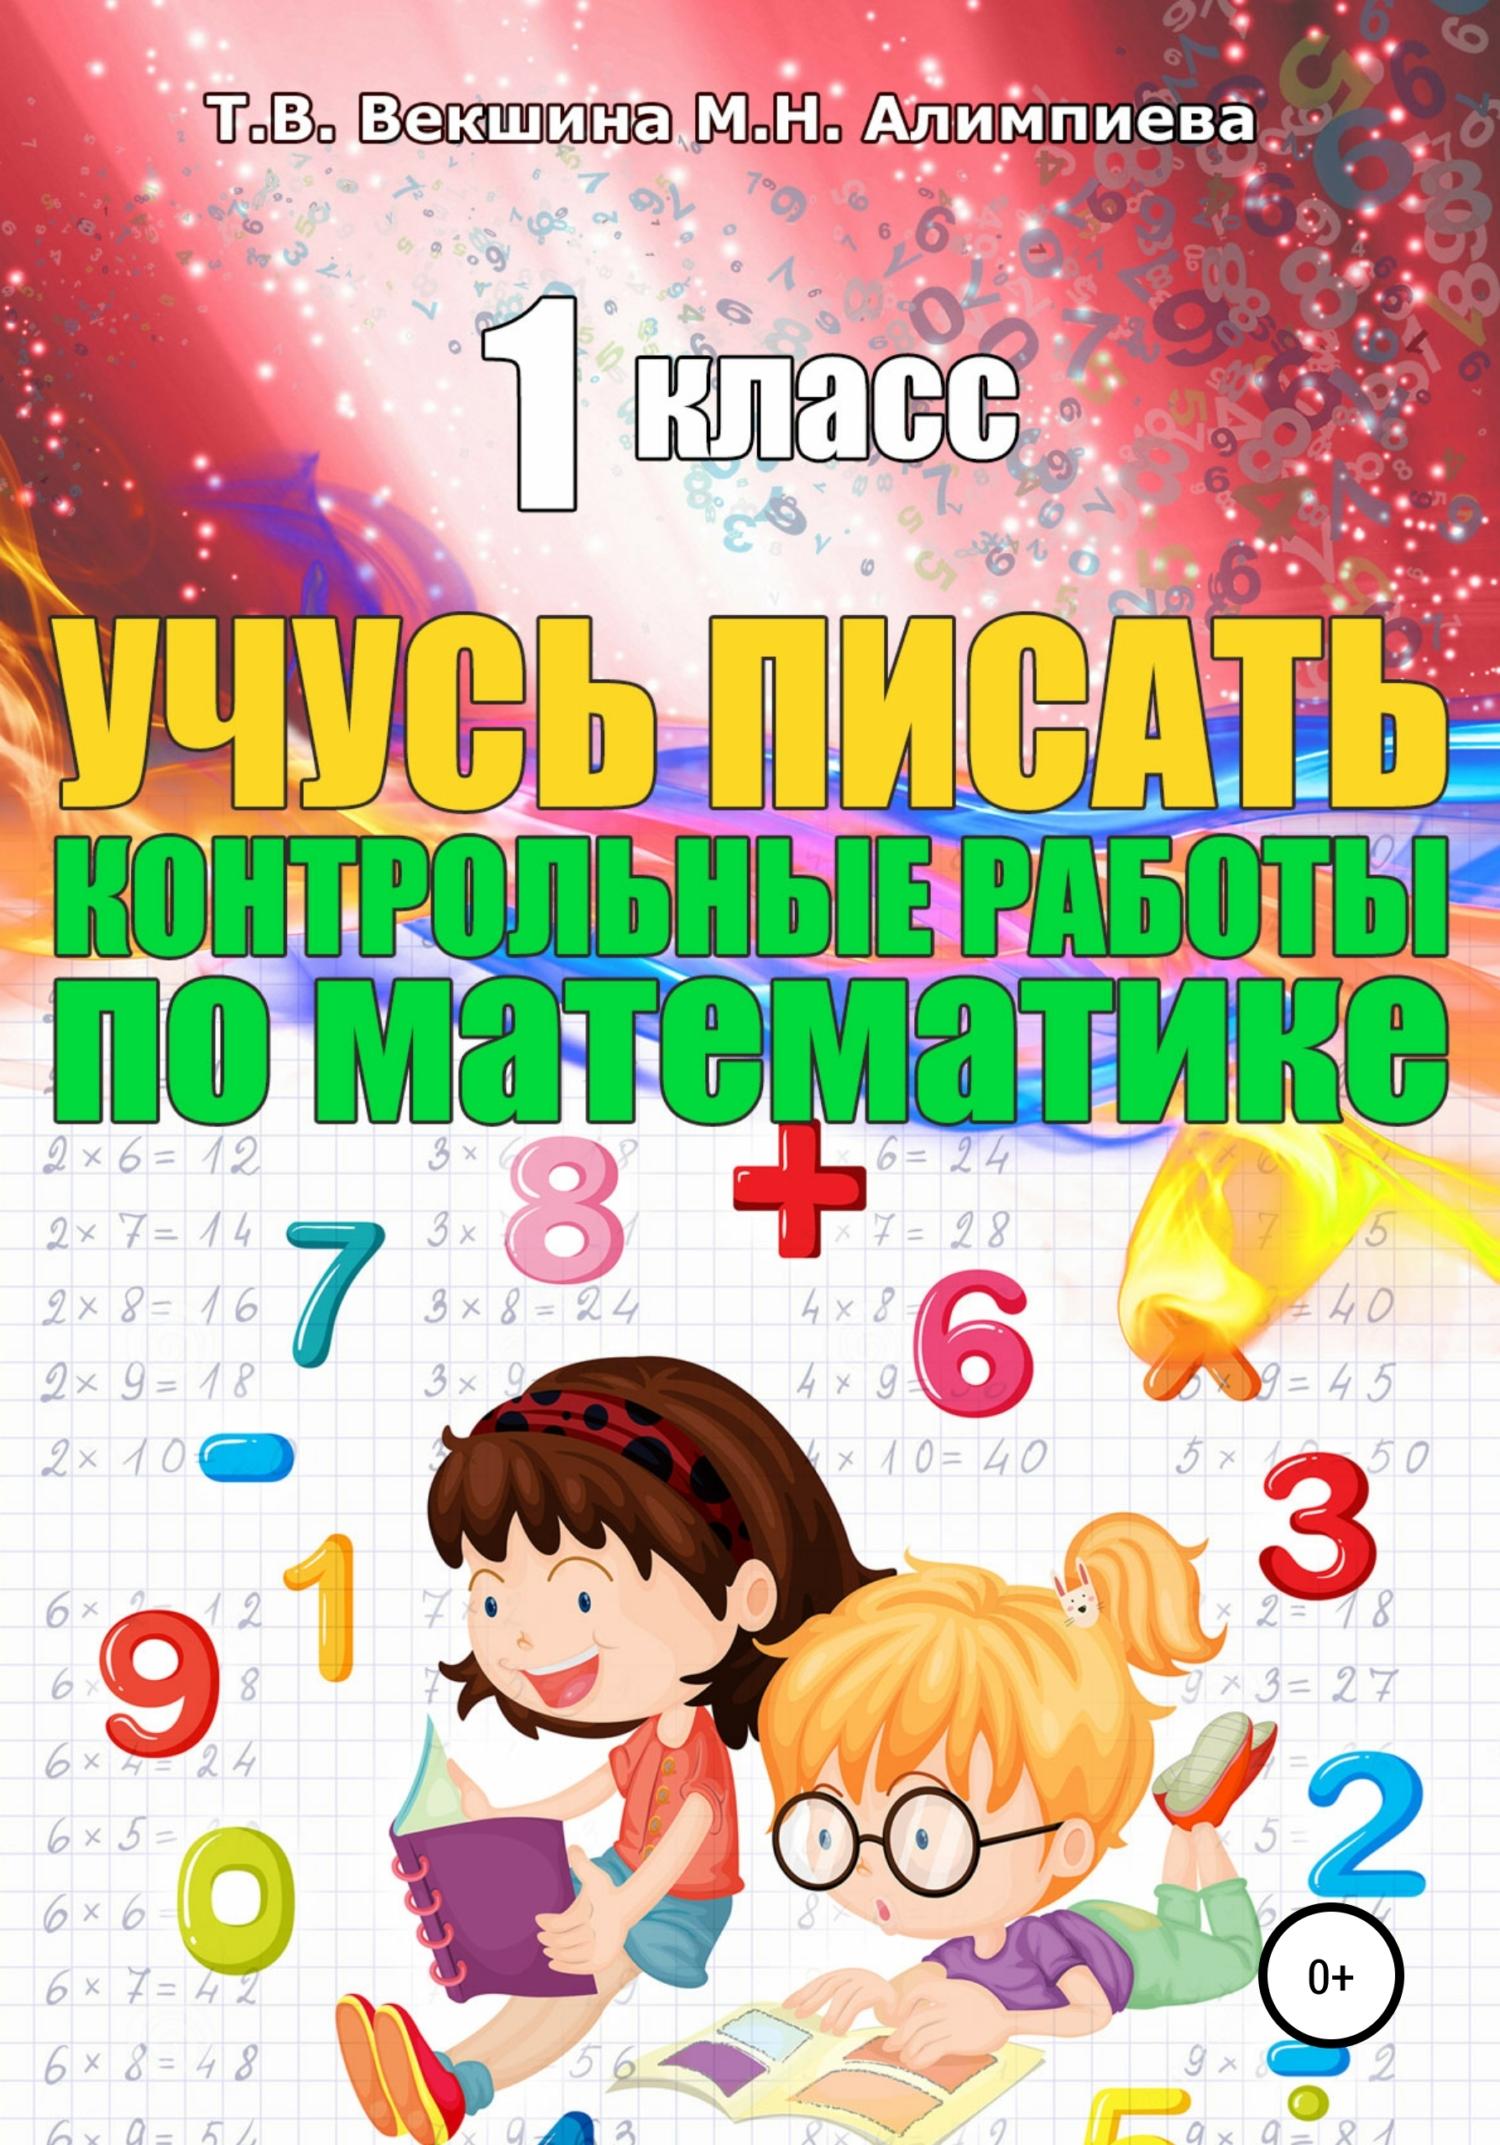 Учусь писать контрольные работы по математике. 1 класс ( М. Н. Алимпиева  )